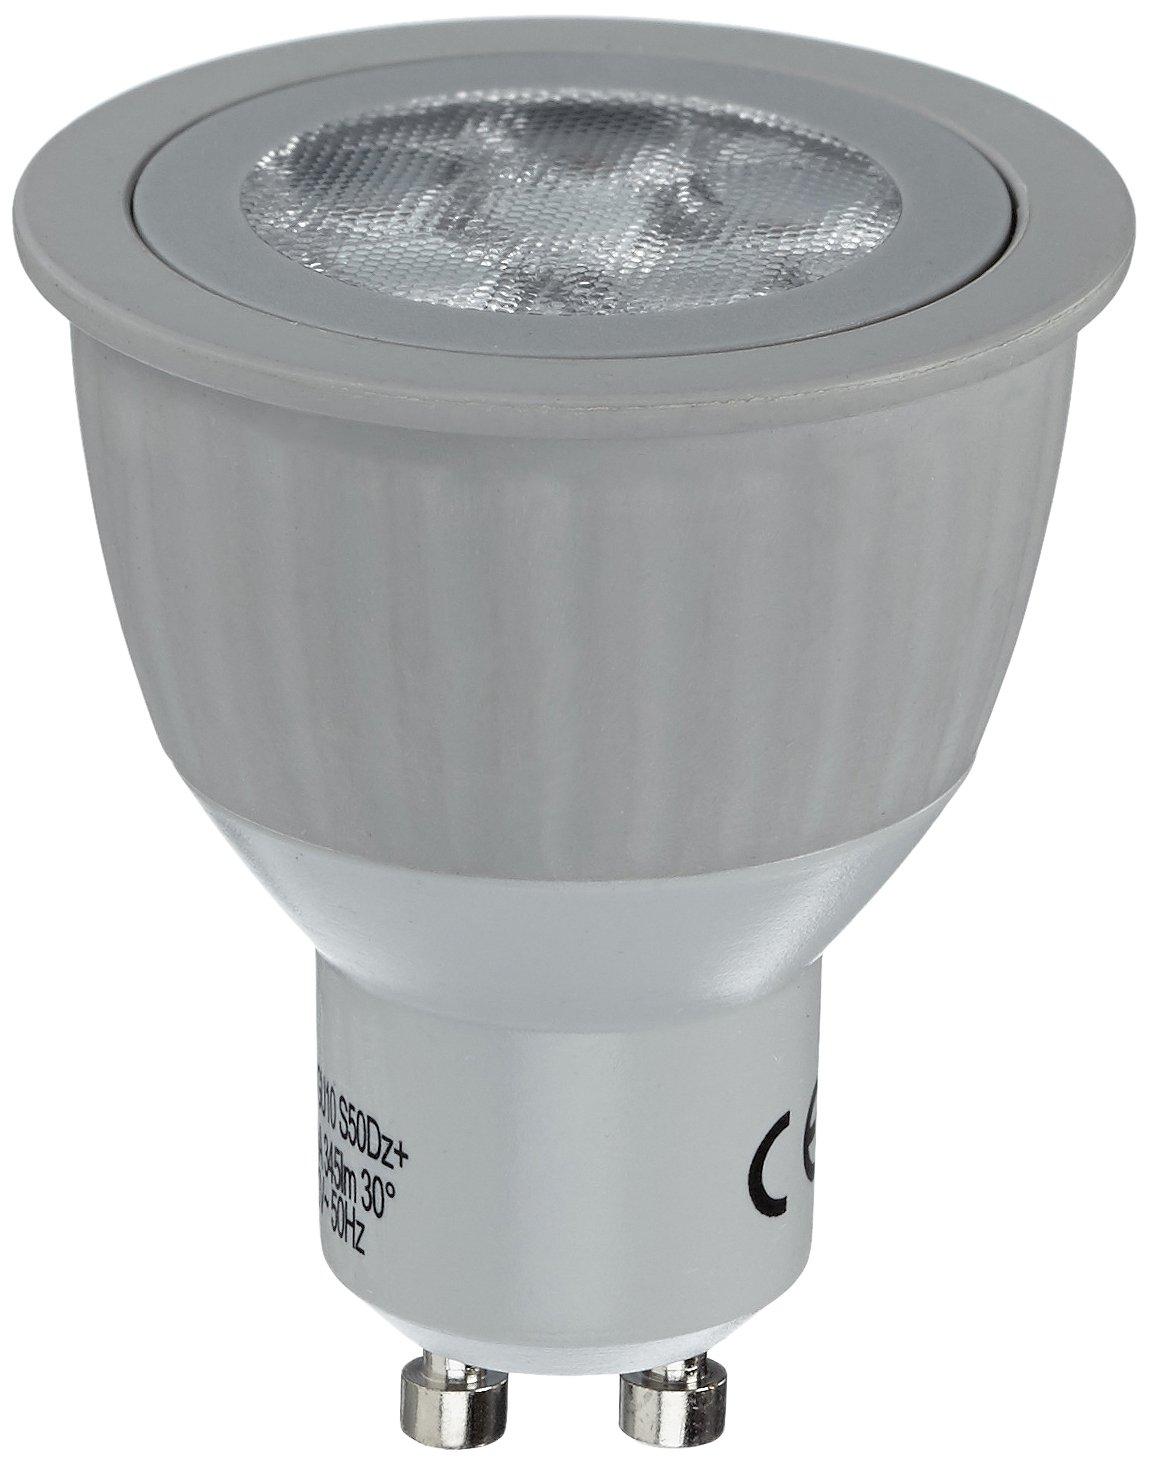 Lámpara LED de jedi GU10 345 lm, se puede regular: Amazon.es: Iluminación